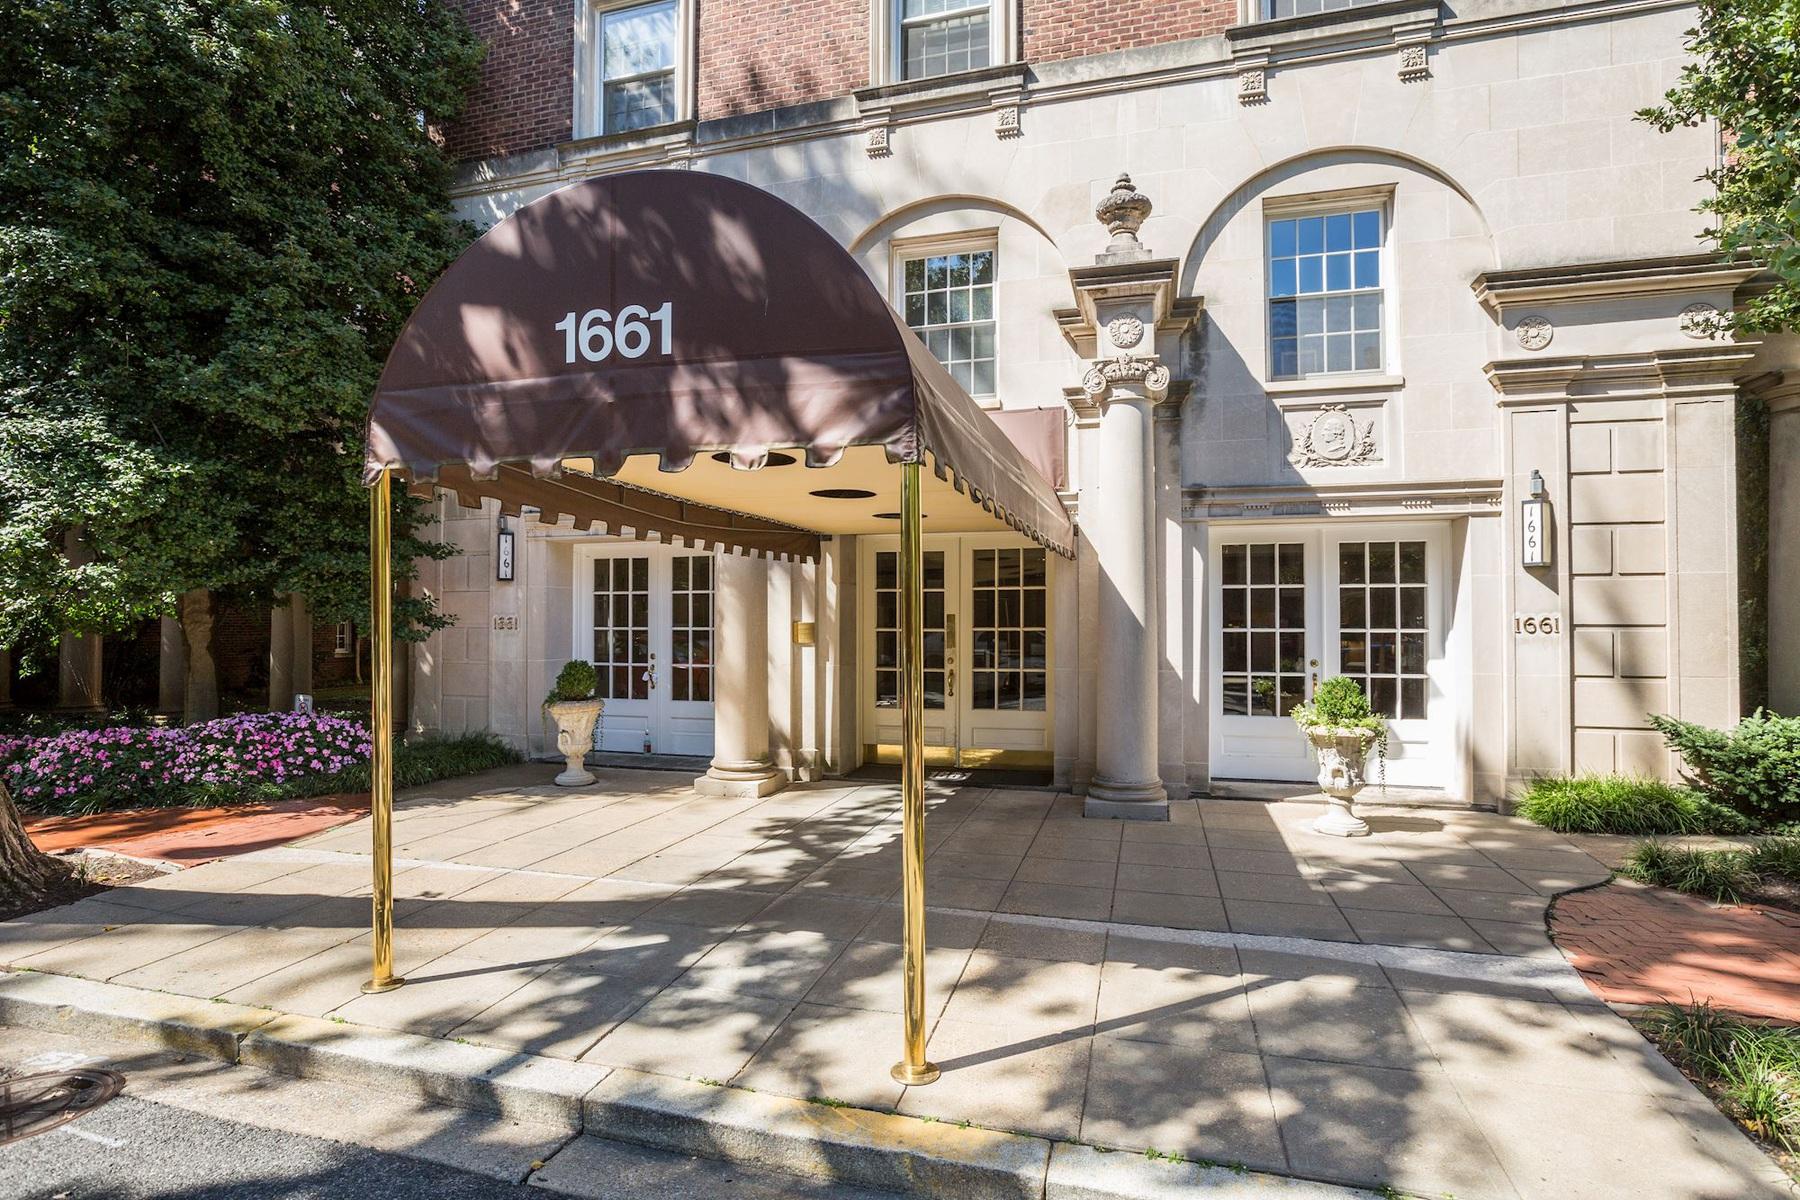 Частный односемейный дом для того Продажа на 1661 Crescent Place 210, Washington 1661 Crescent Pl 210 Washington, Округ Колумбия 20009 Соединенные Штаты